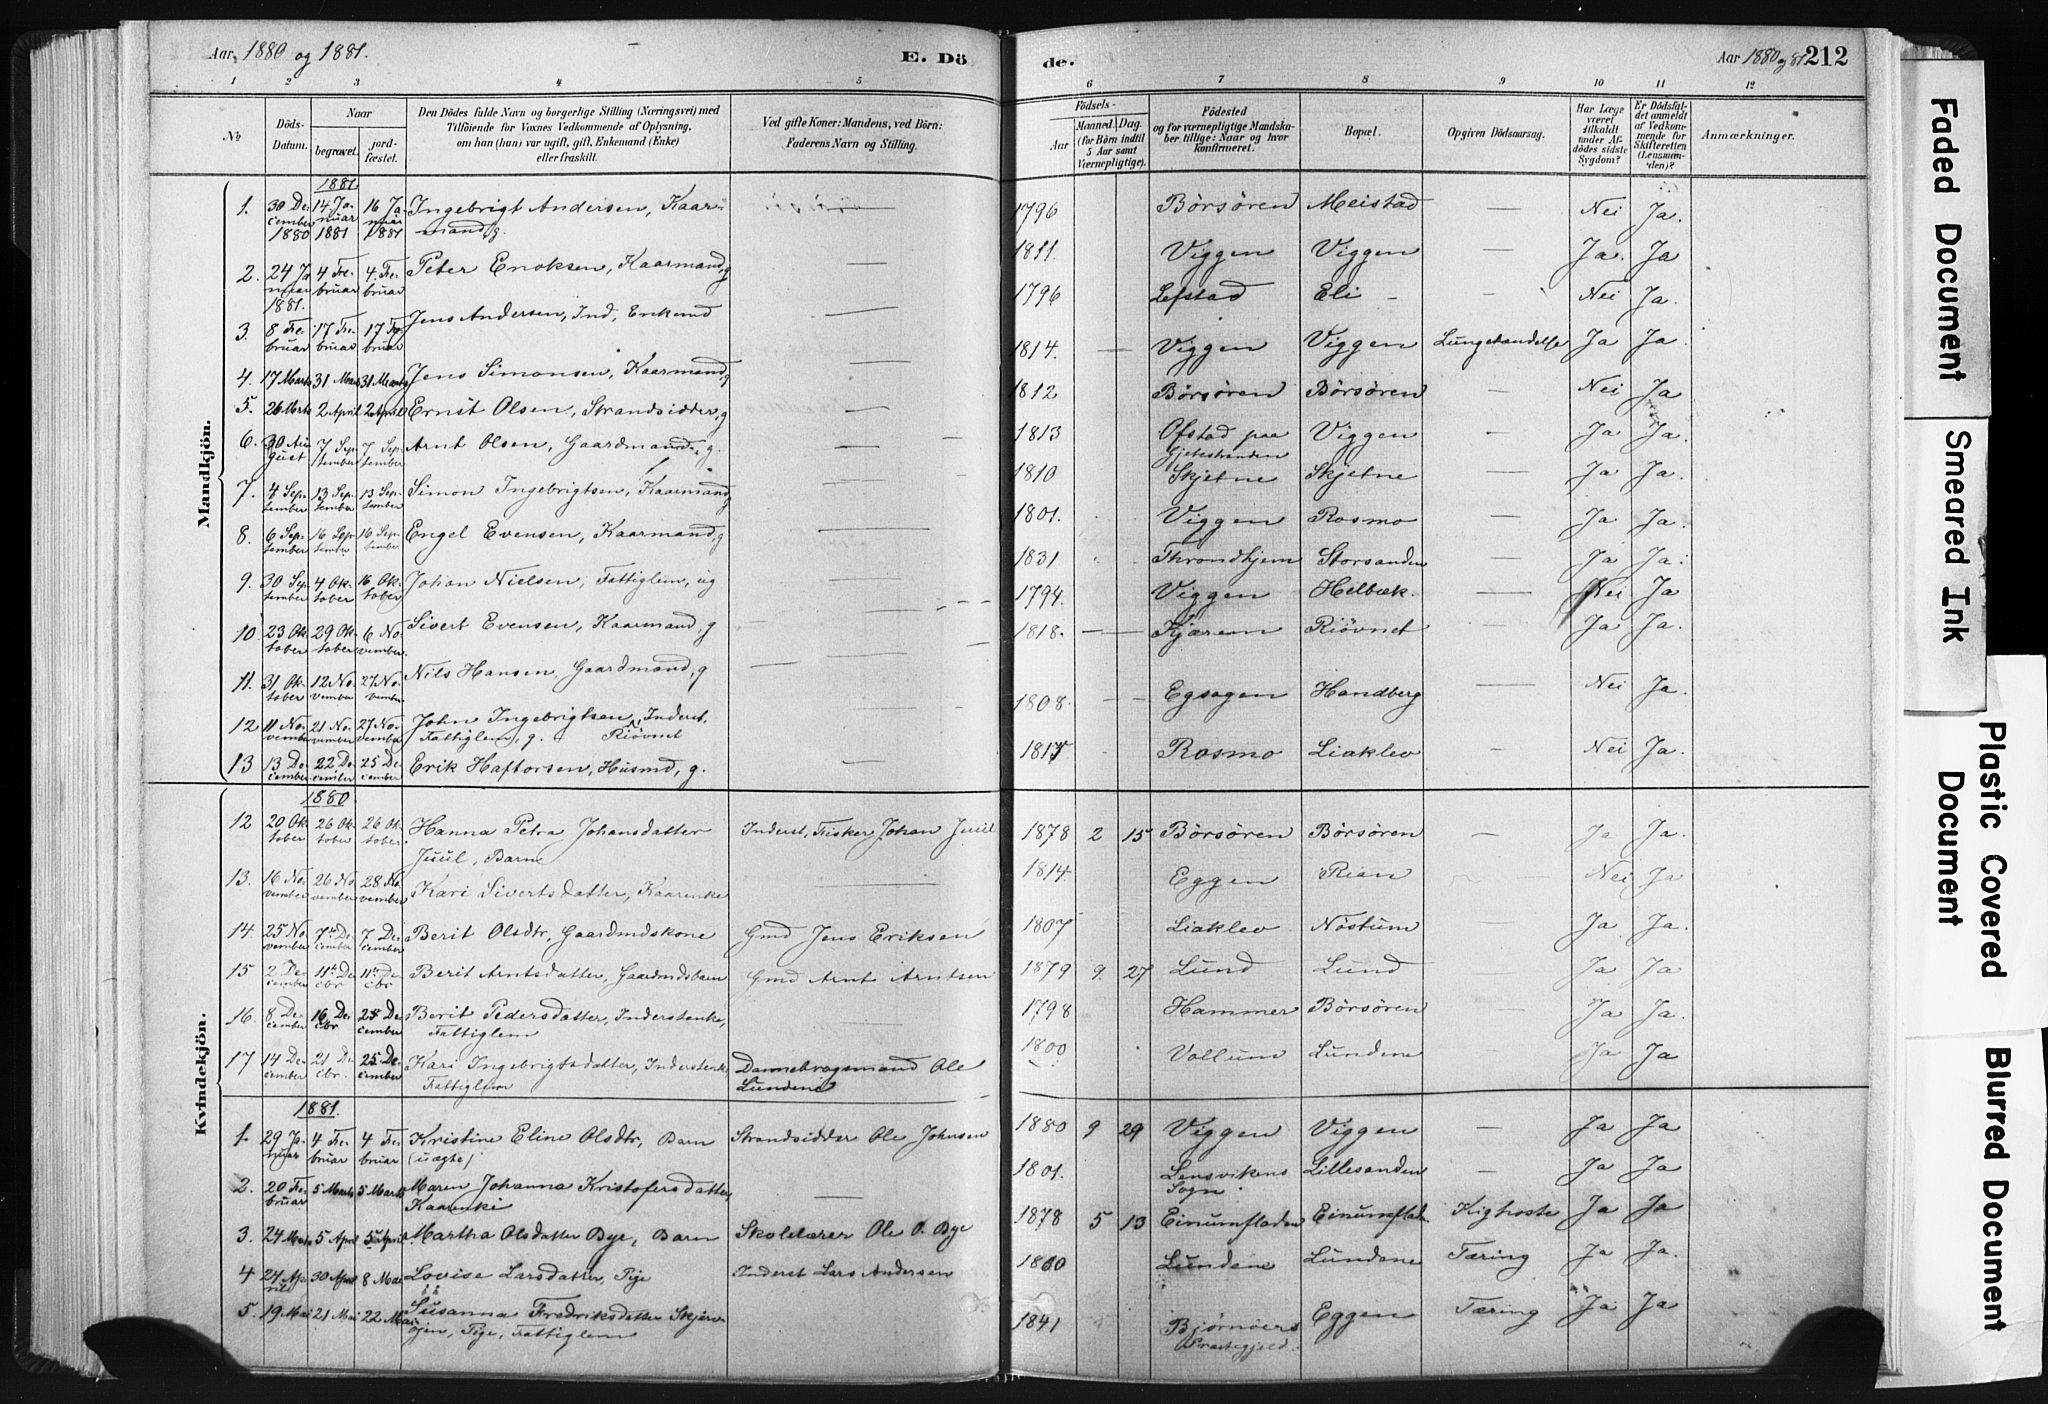 SAT, Ministerialprotokoller, klokkerbøker og fødselsregistre - Sør-Trøndelag, 665/L0773: Ministerialbok nr. 665A08, 1879-1905, s. 212